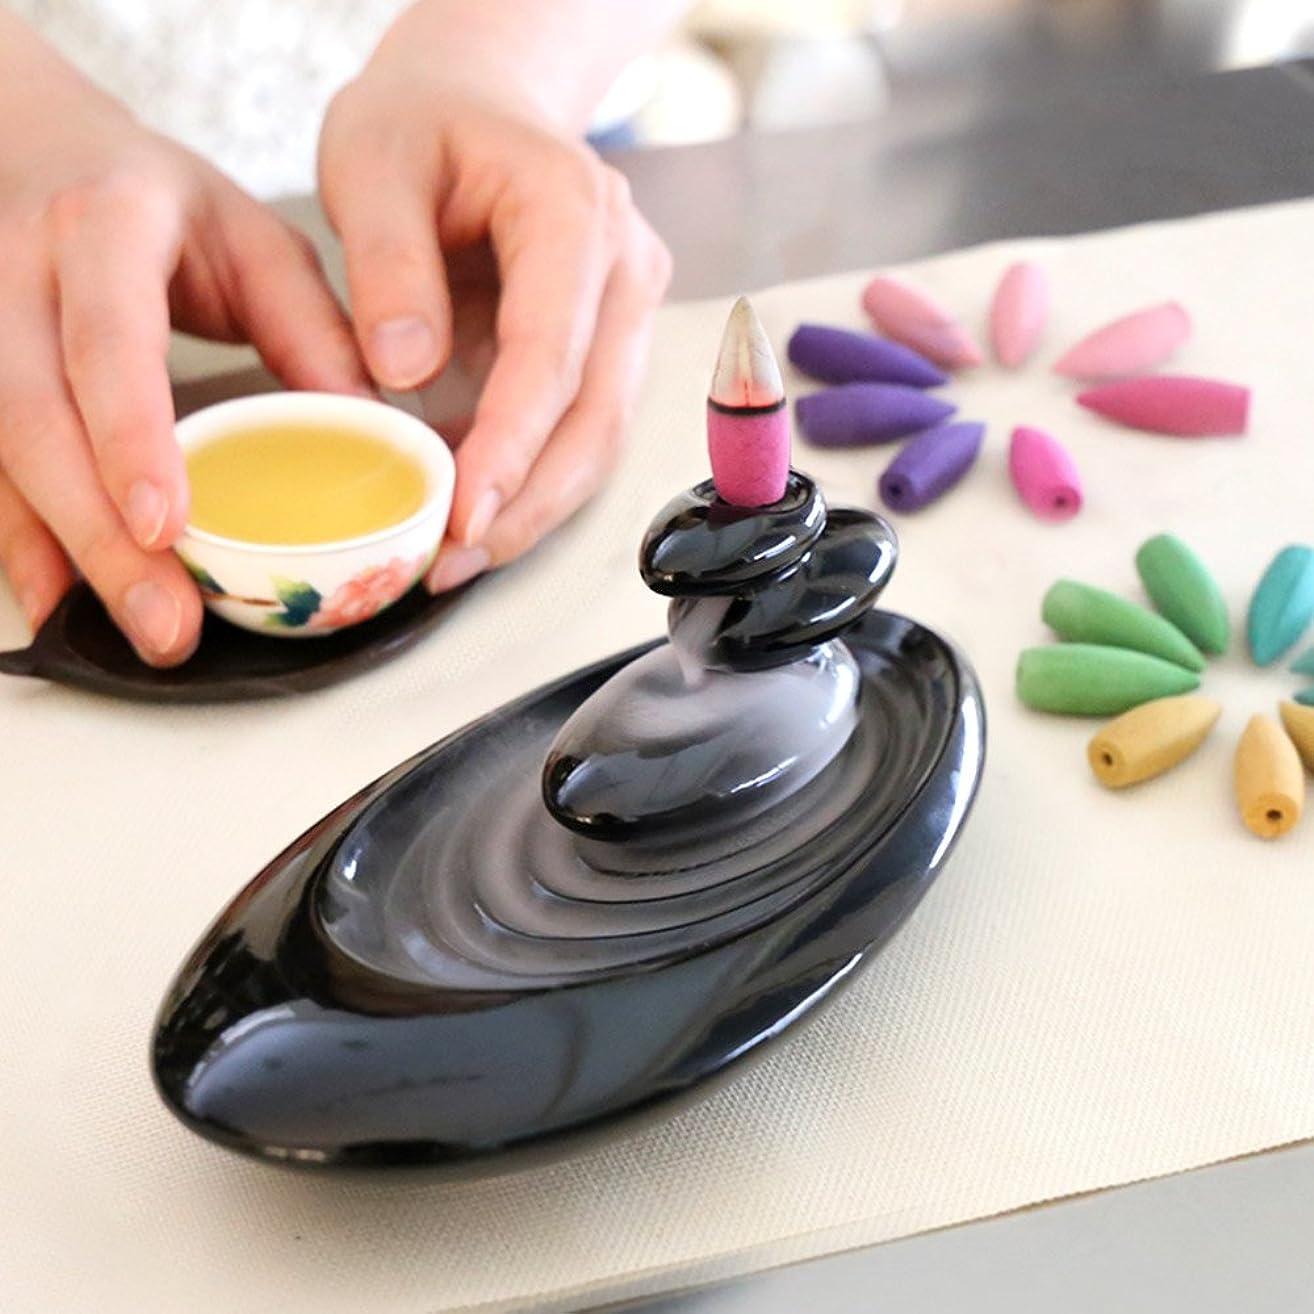 リファイン冬たるみ誕生日 プレゼント アロマインセンス 6種の香り の アロマ香炉 BOX 逆流香 (誕生日カード)